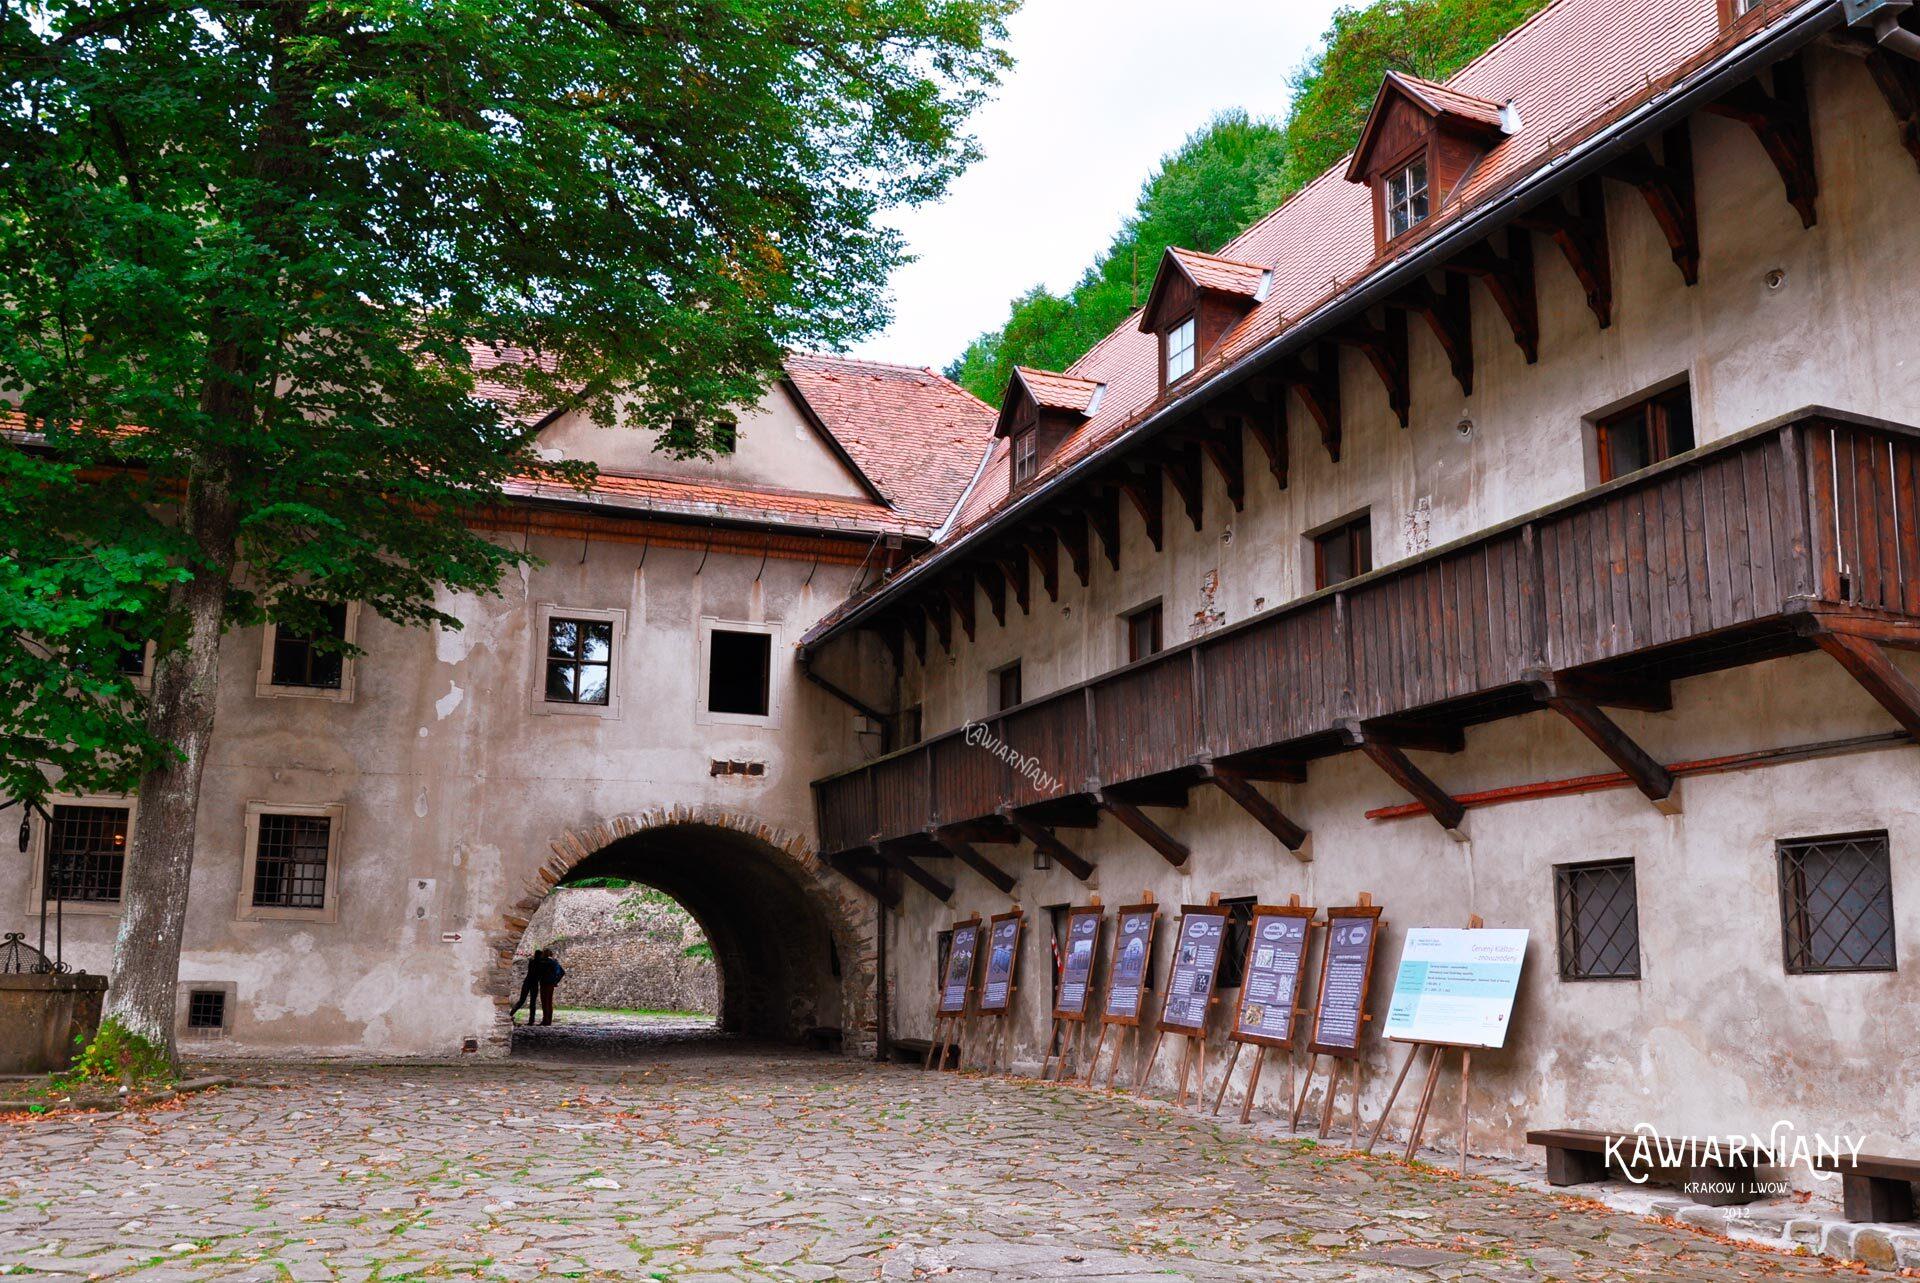 czerwony klasztor atrakcje